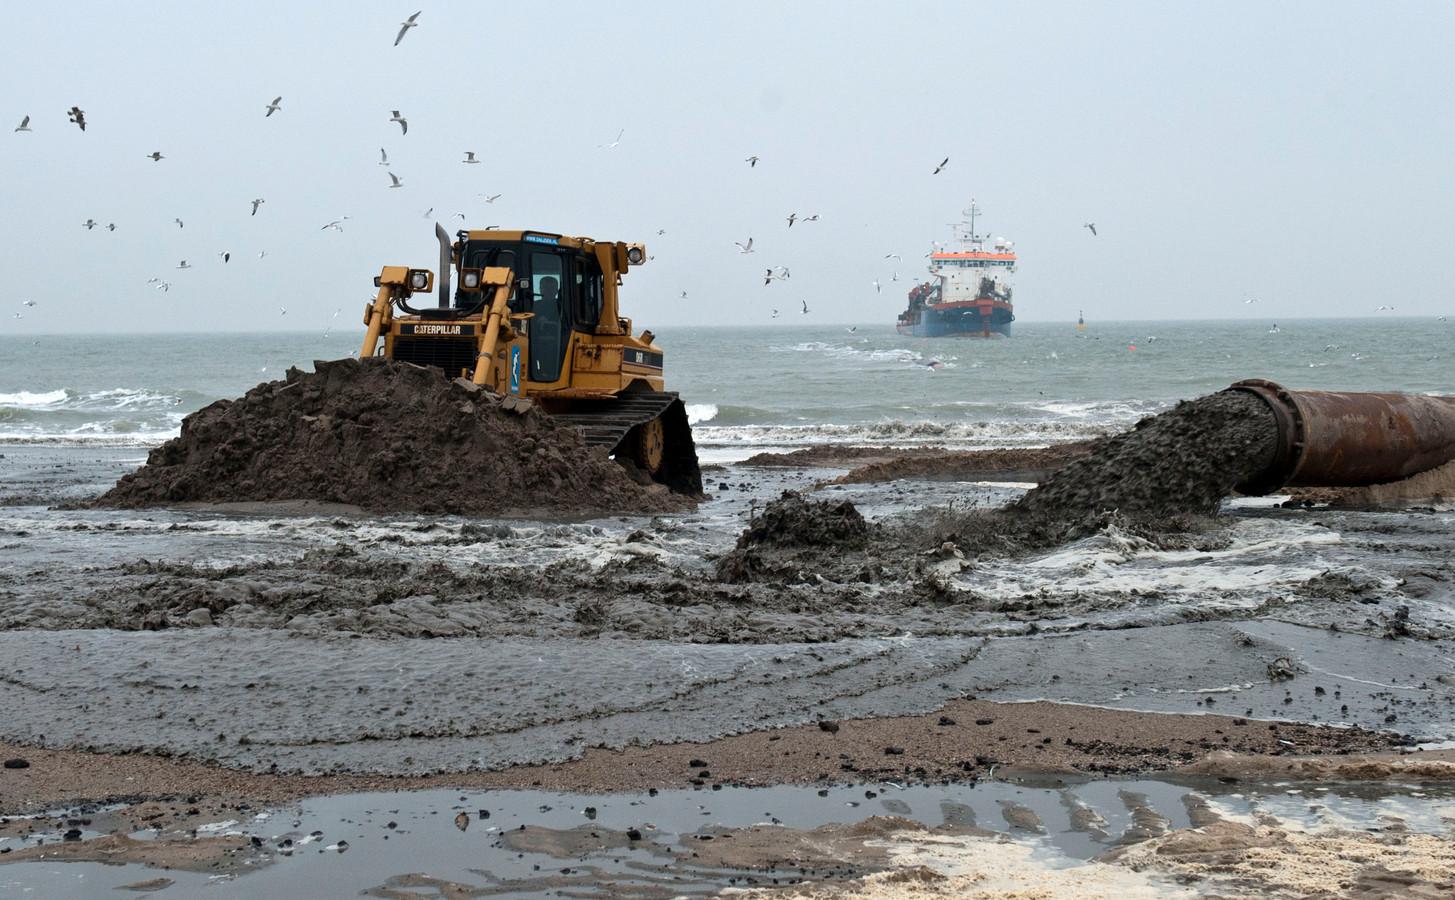 Het strand bij Ouddorp wordt de komende maanden opgespoten met ruim één miljoen kubieke meter zand. Hier tussen Renesse en Ellemeet werd eerder 600.000 kubieke meter aangevoerd om de kustlijn te versterken.